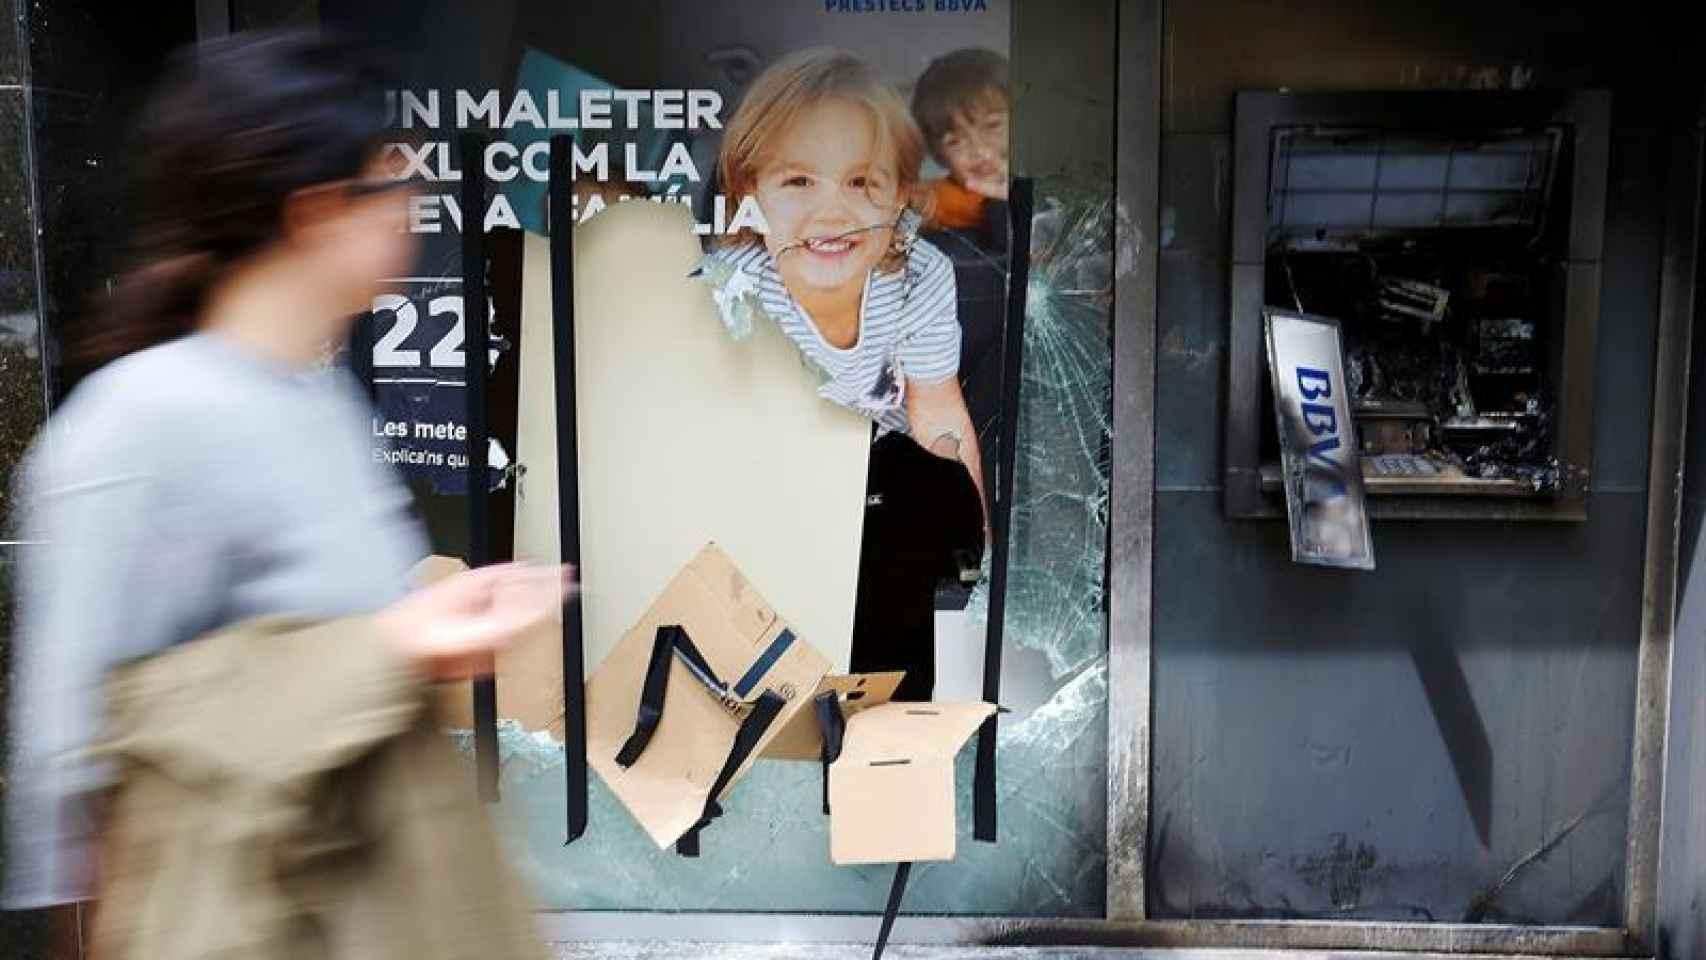 Uno de los locales afectados por los disturbios de esta semana en Barcelona